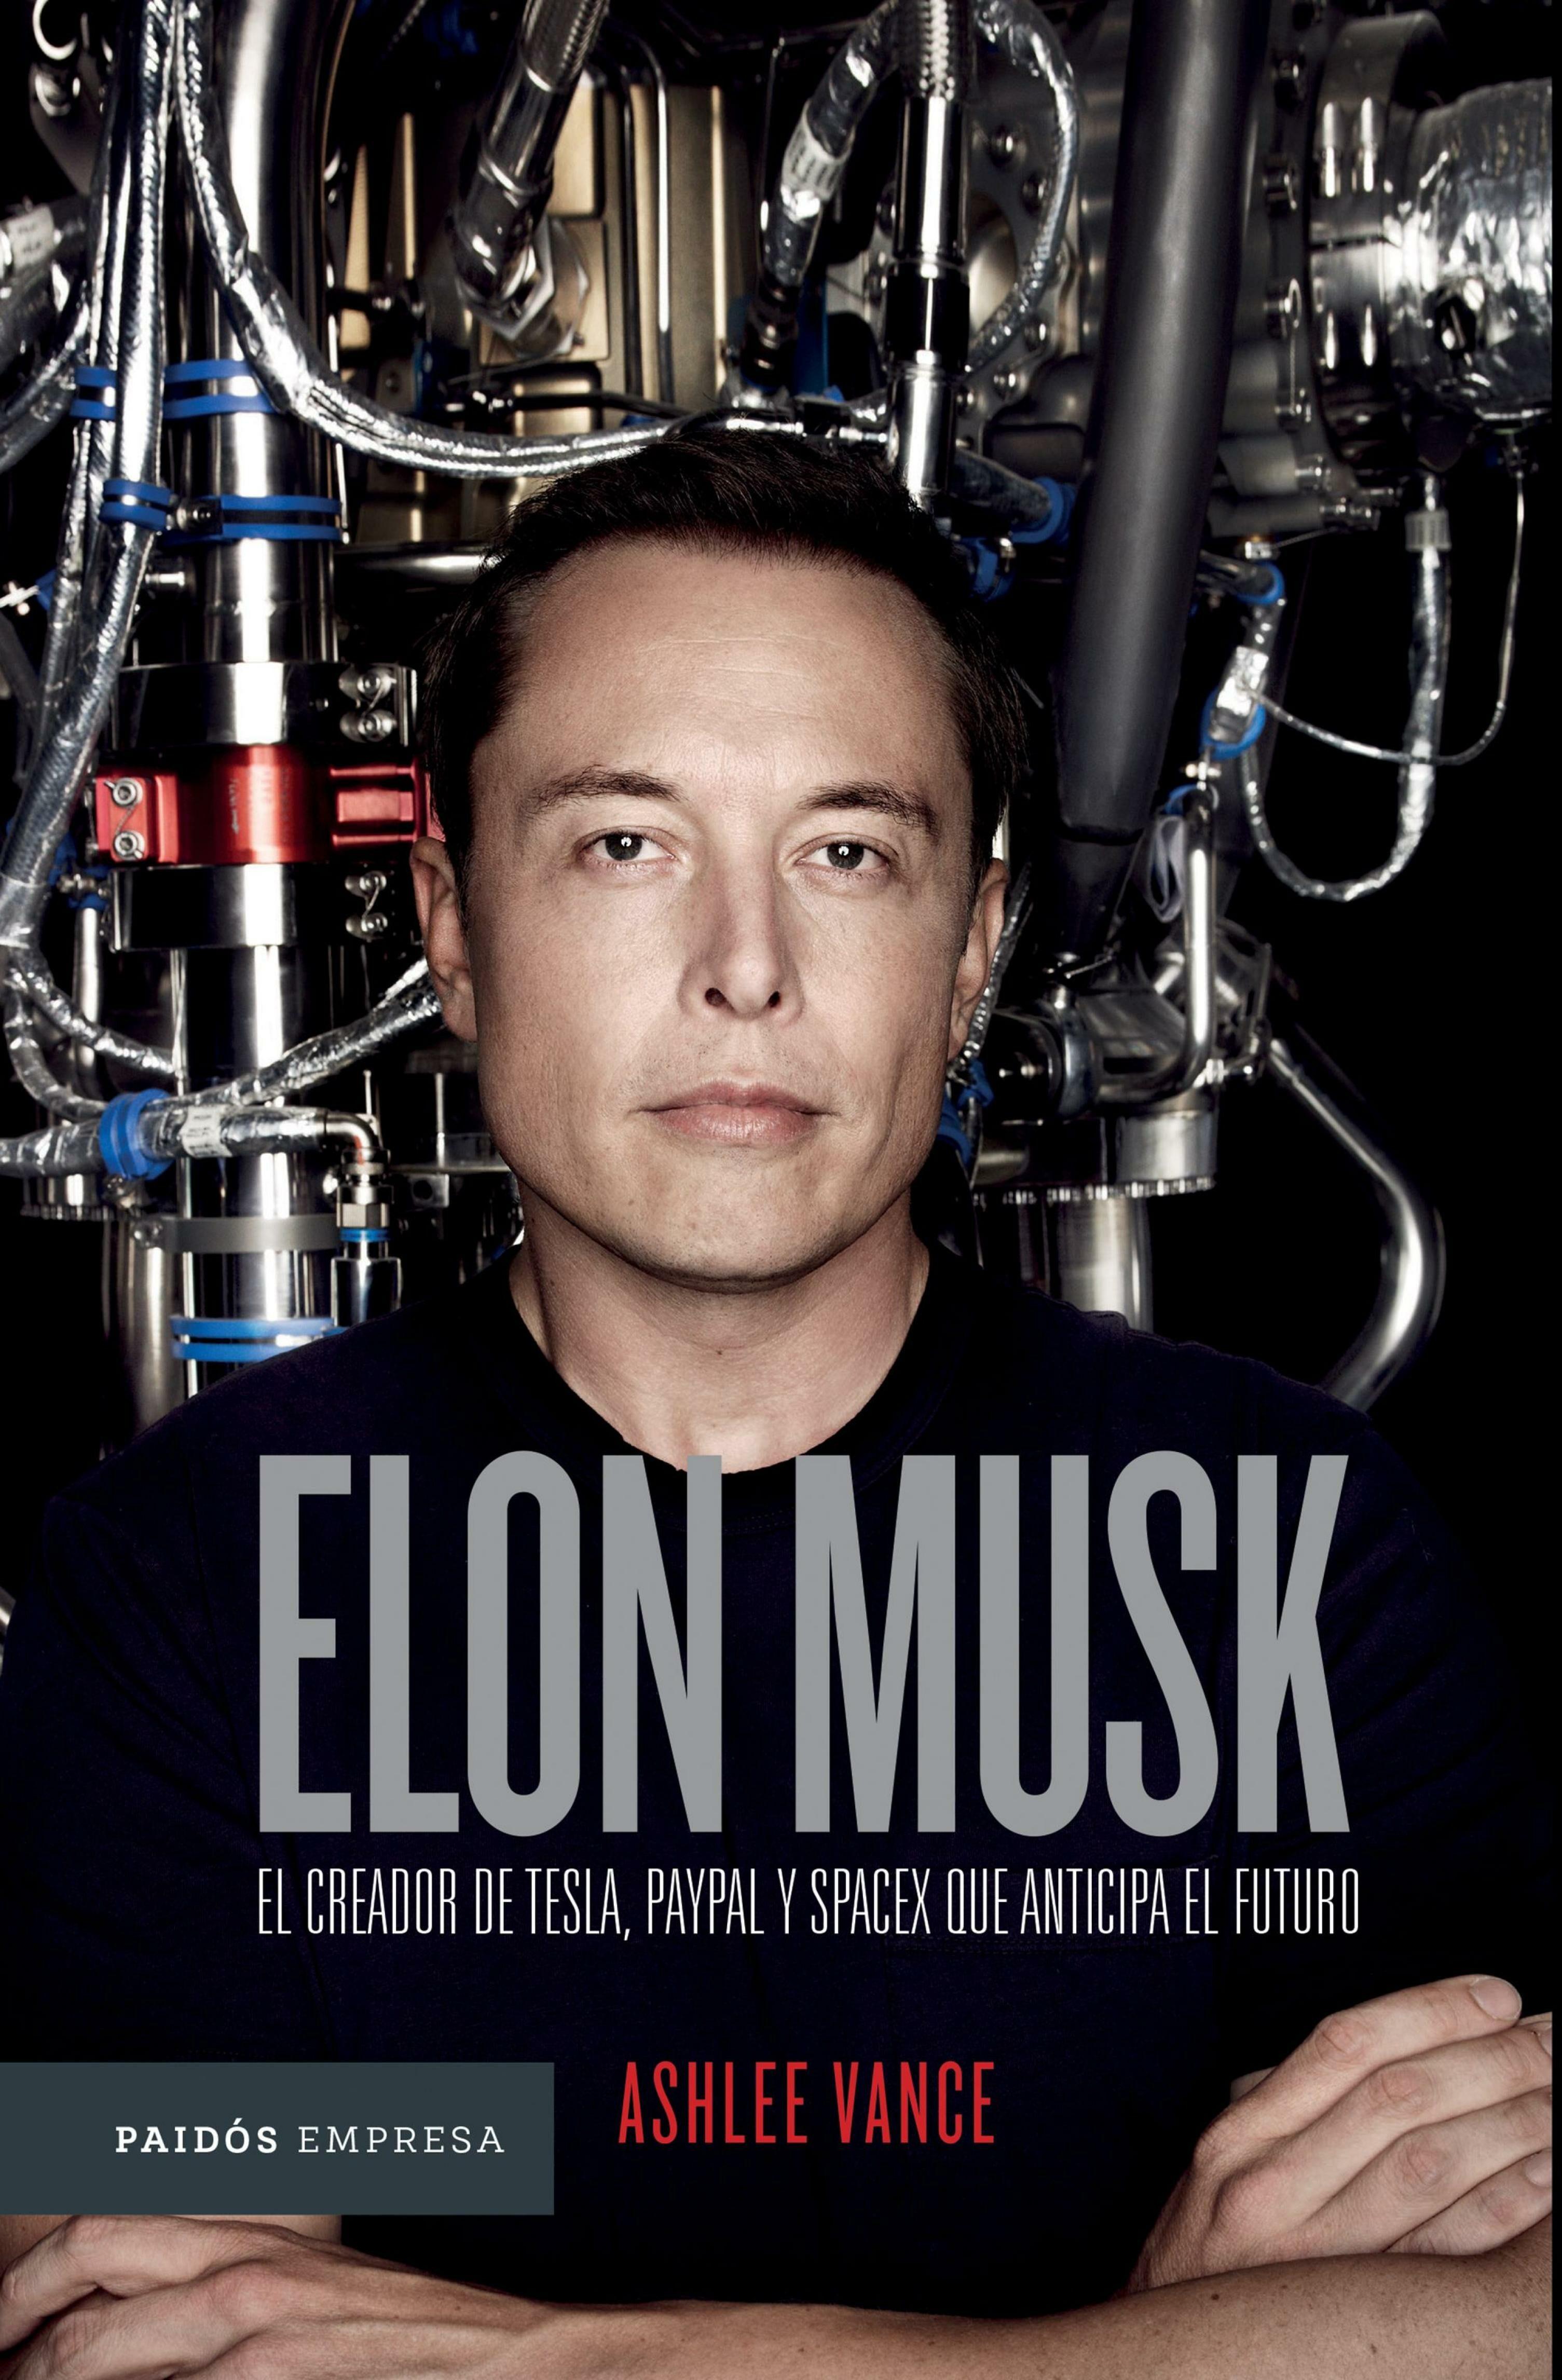 Ashlee Vance Elon Musk Pdf